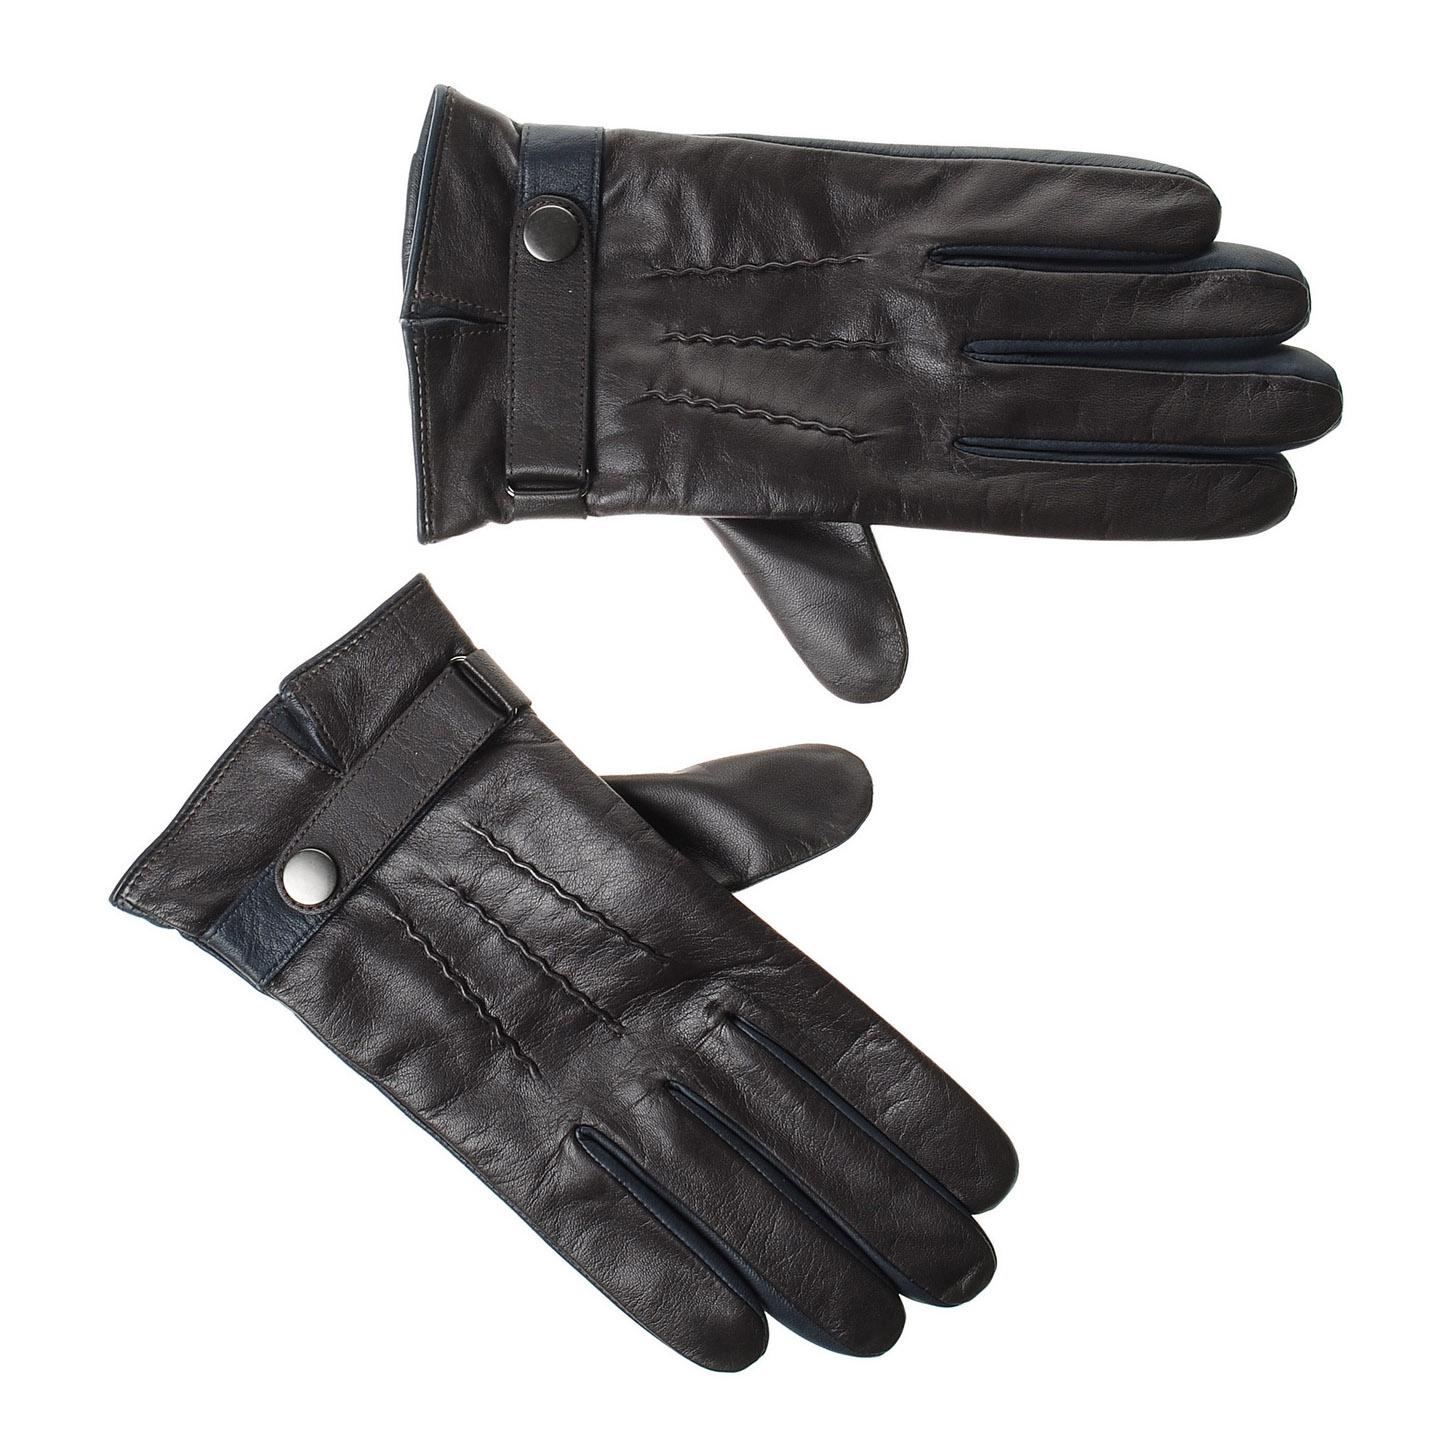 Αντρικά Δερμάτινα Γάντια Guy Laroche 98950 ανδρας   αντρικό γάντι